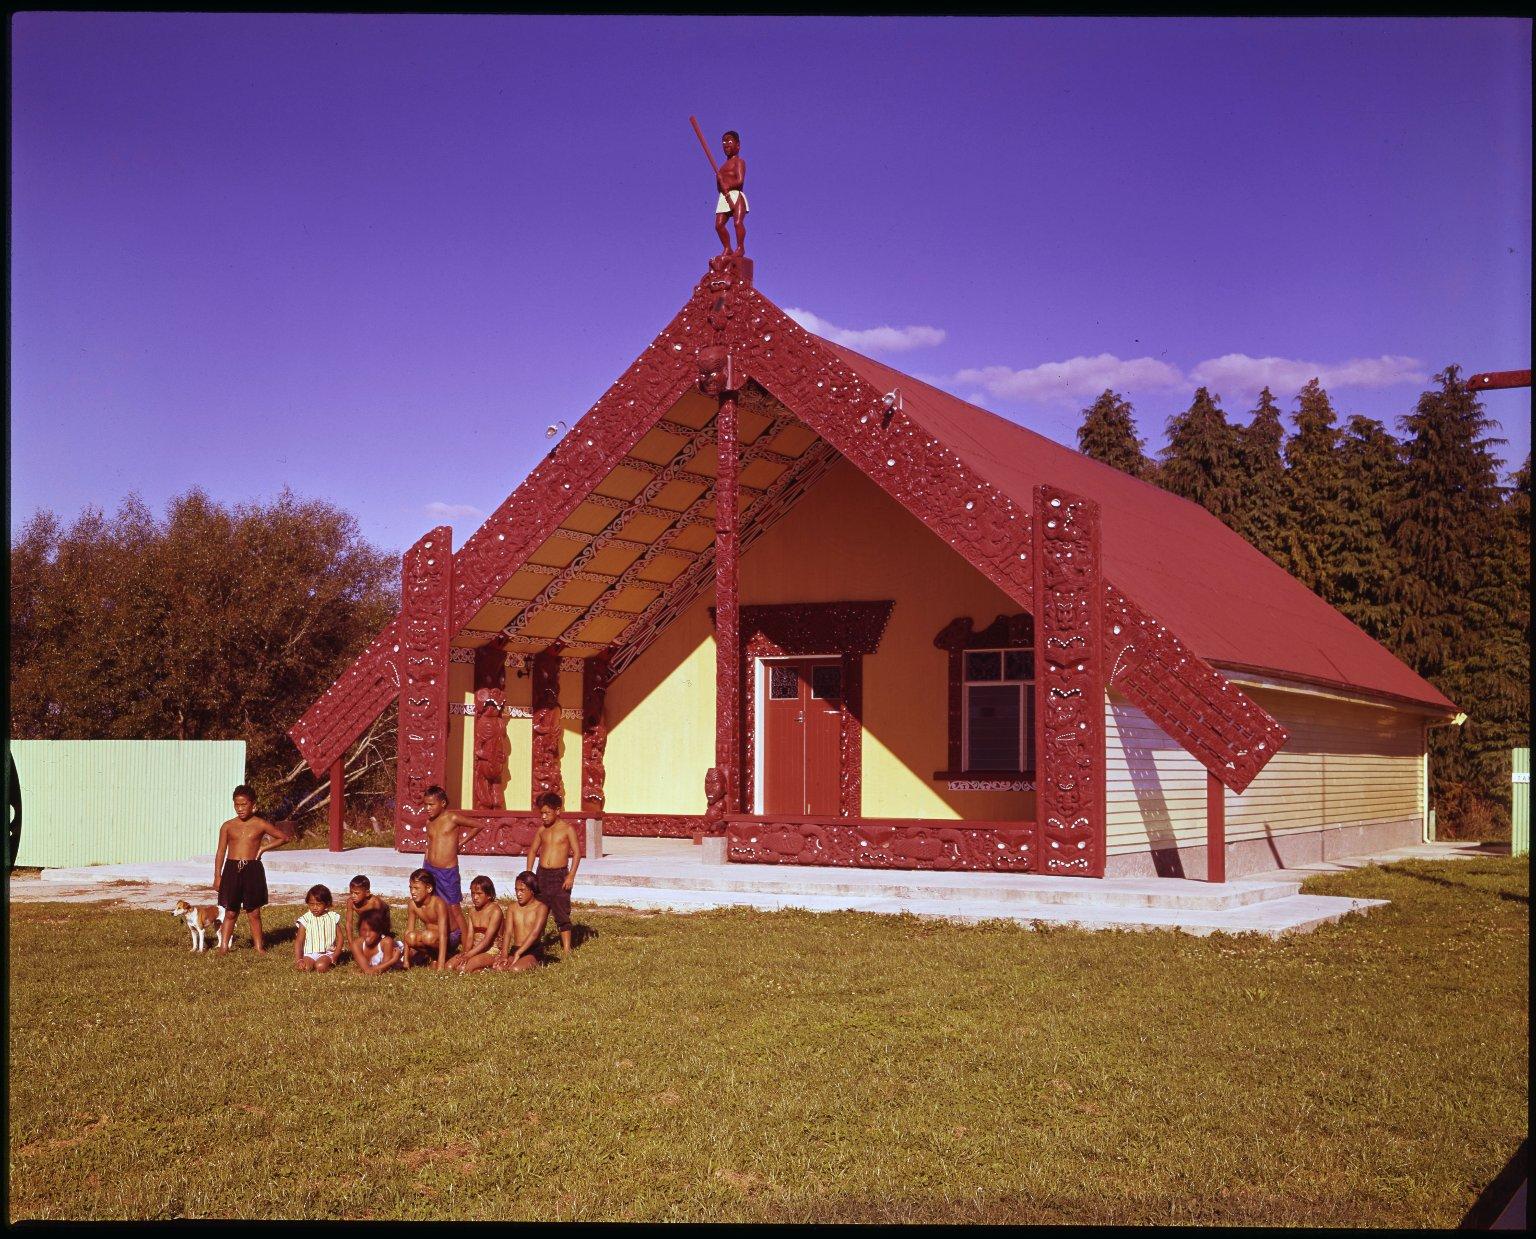 Takinga Maori meeting house at Mourea